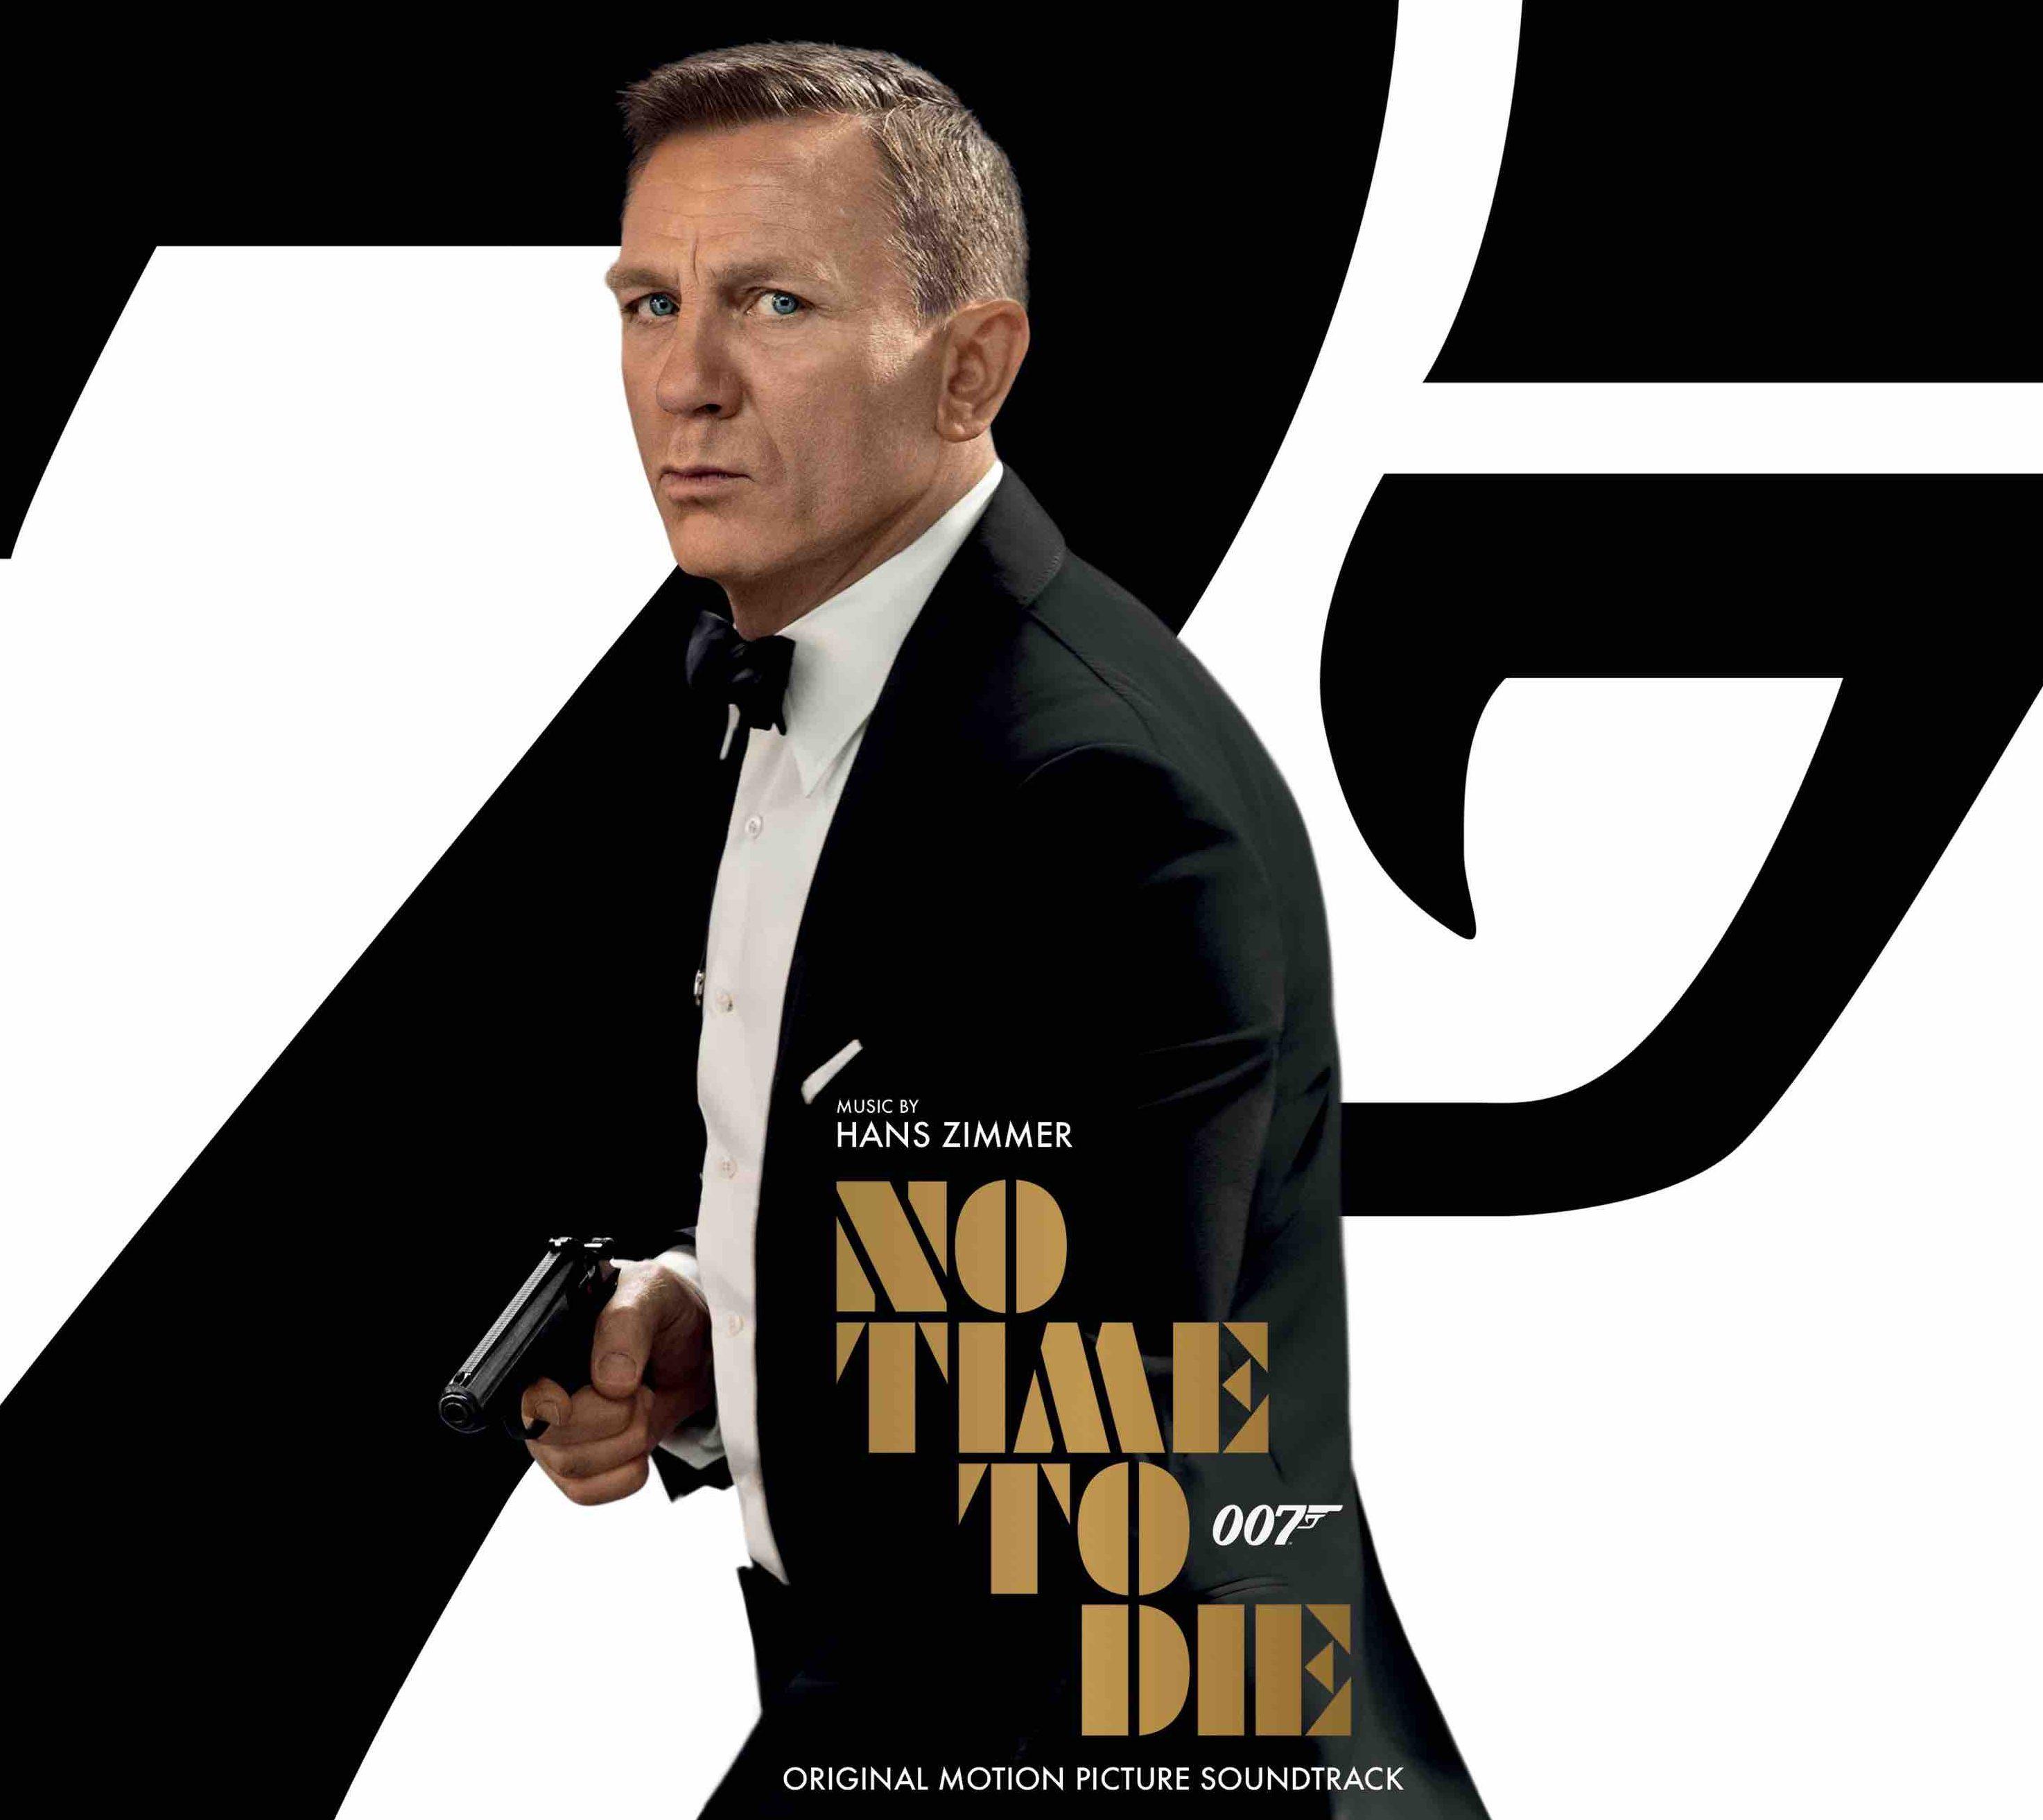 Hans Zimmer, autor de la banda sonora de la nueva película de James Bond 007